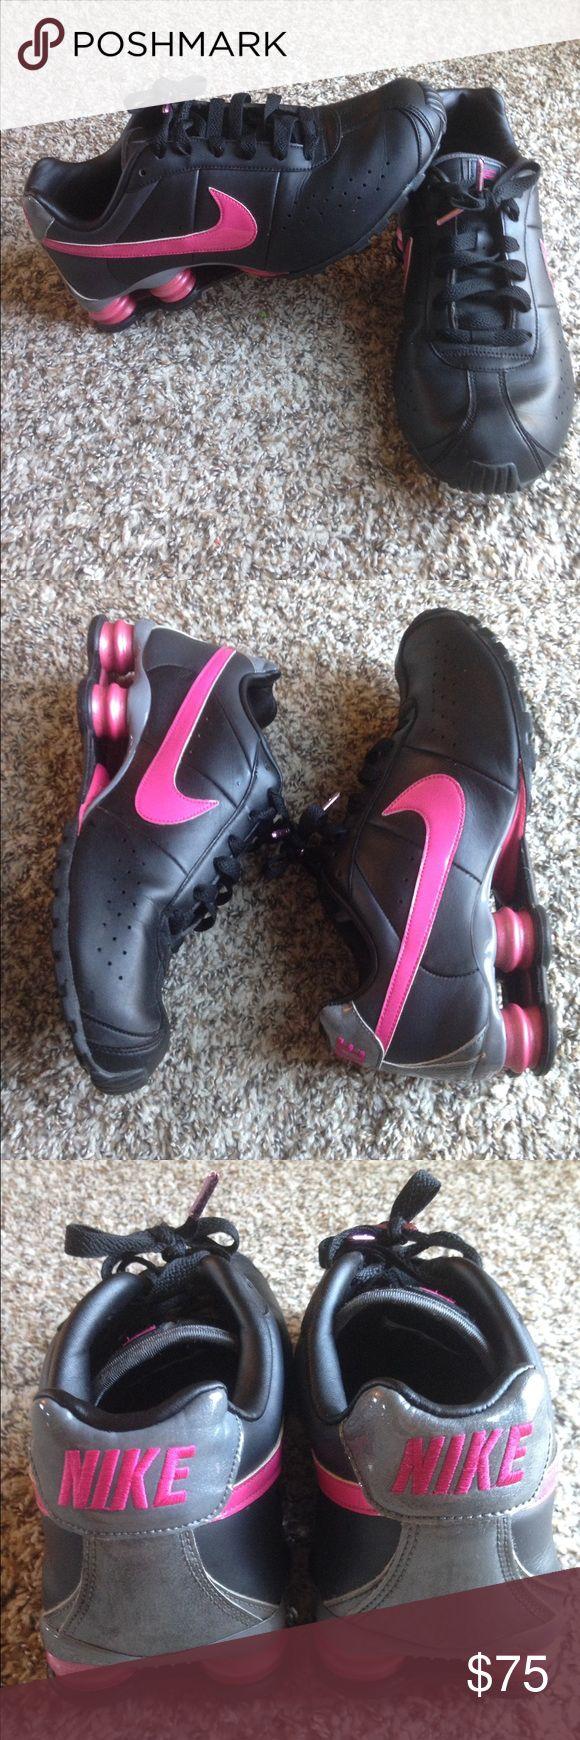 Nike Shox Tennis Shoes